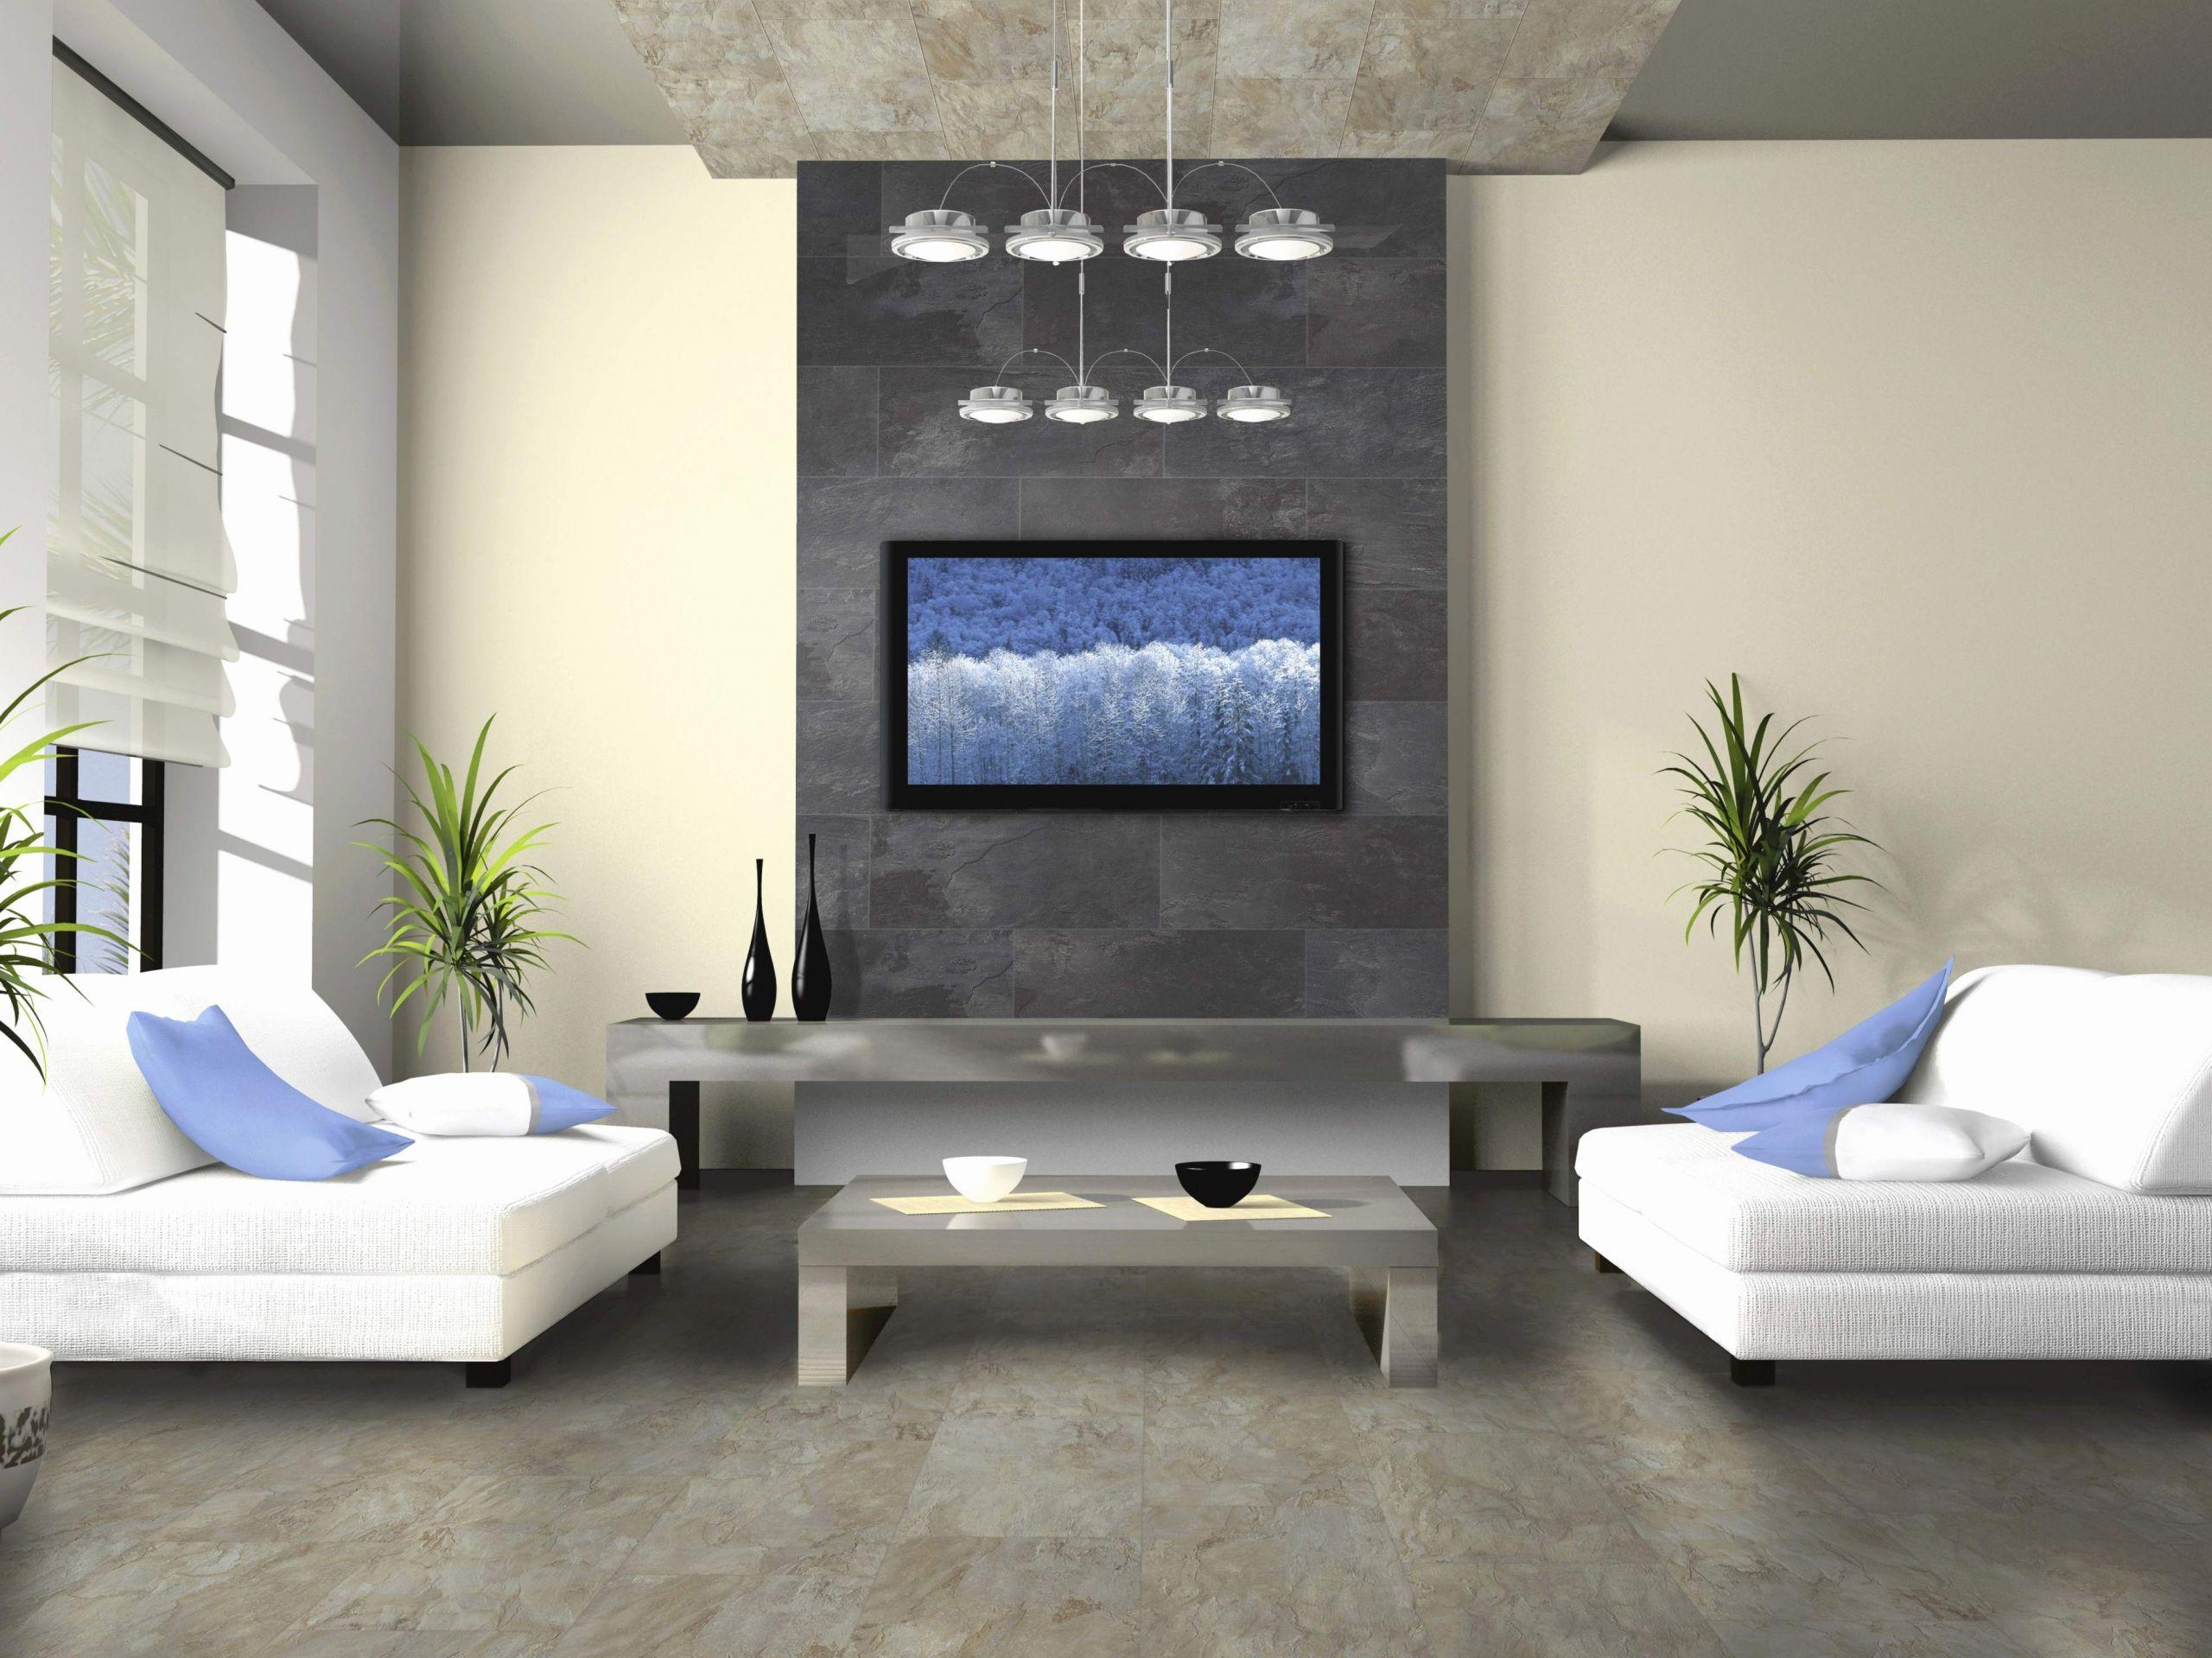 wohnzimmer pflanze das beste von deko ideen wohnzimmerwand einzigartig wohnzimmer wand 0d of wohnzimmer pflanze scaled